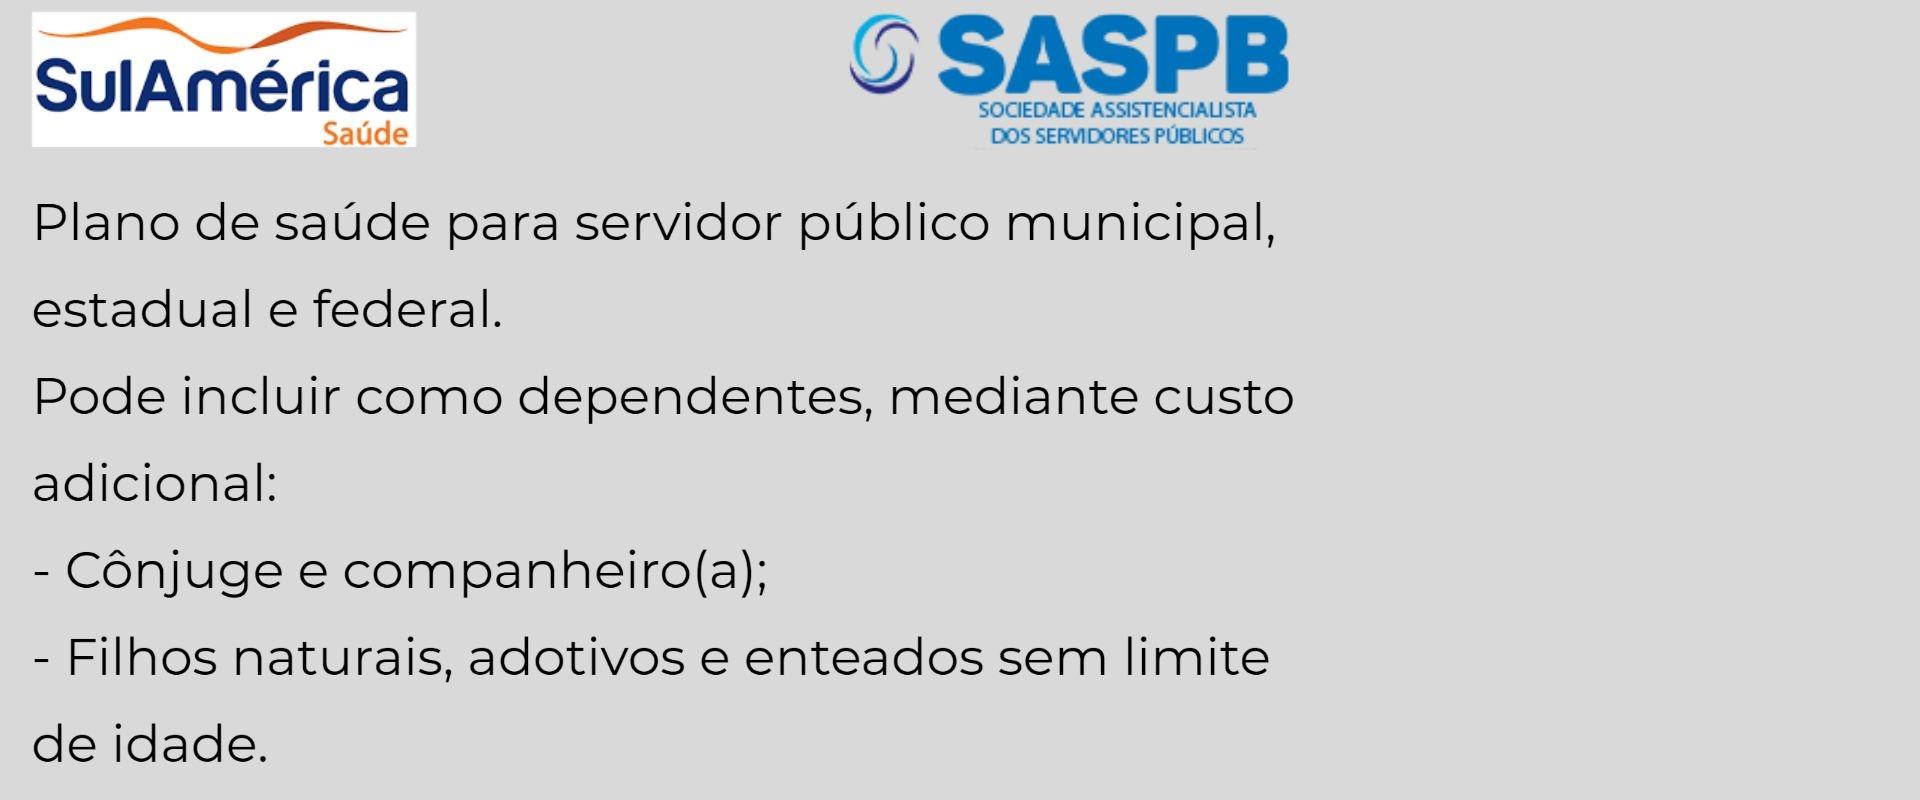 Sul América SASPB-AL